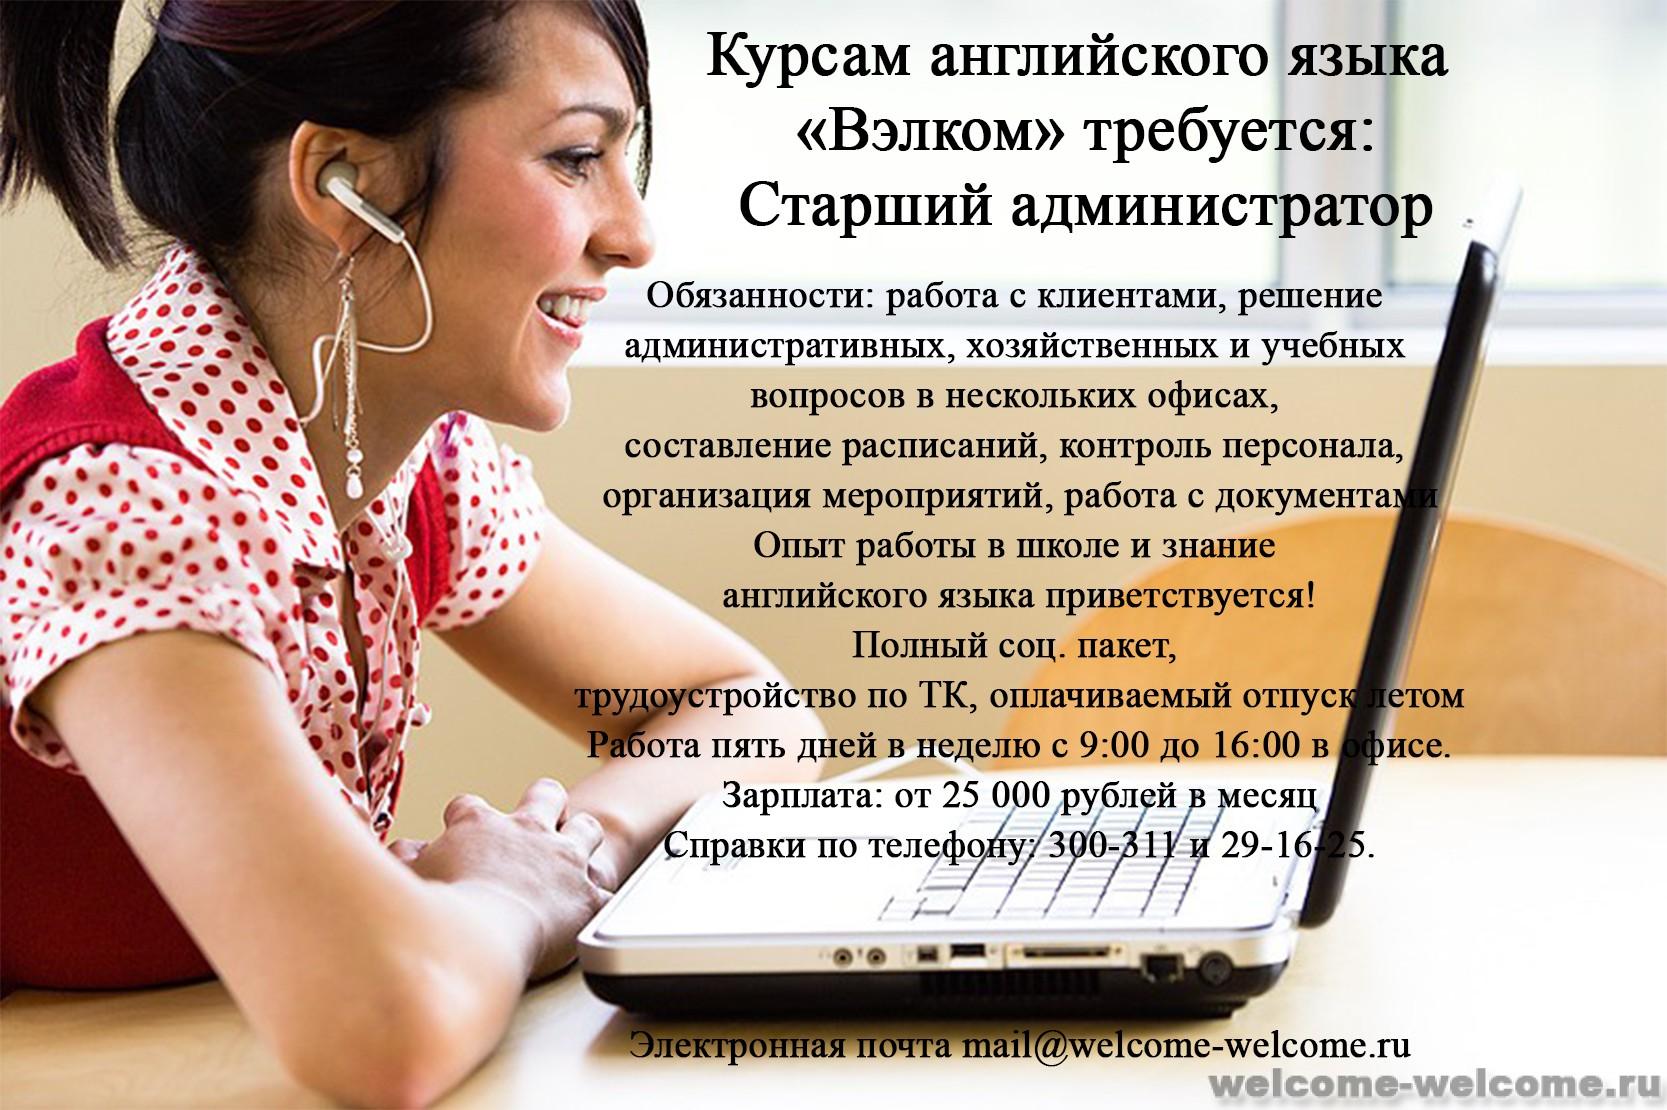 Работа в вебчате новосокольники заработать моделью онлайн в райчихинск